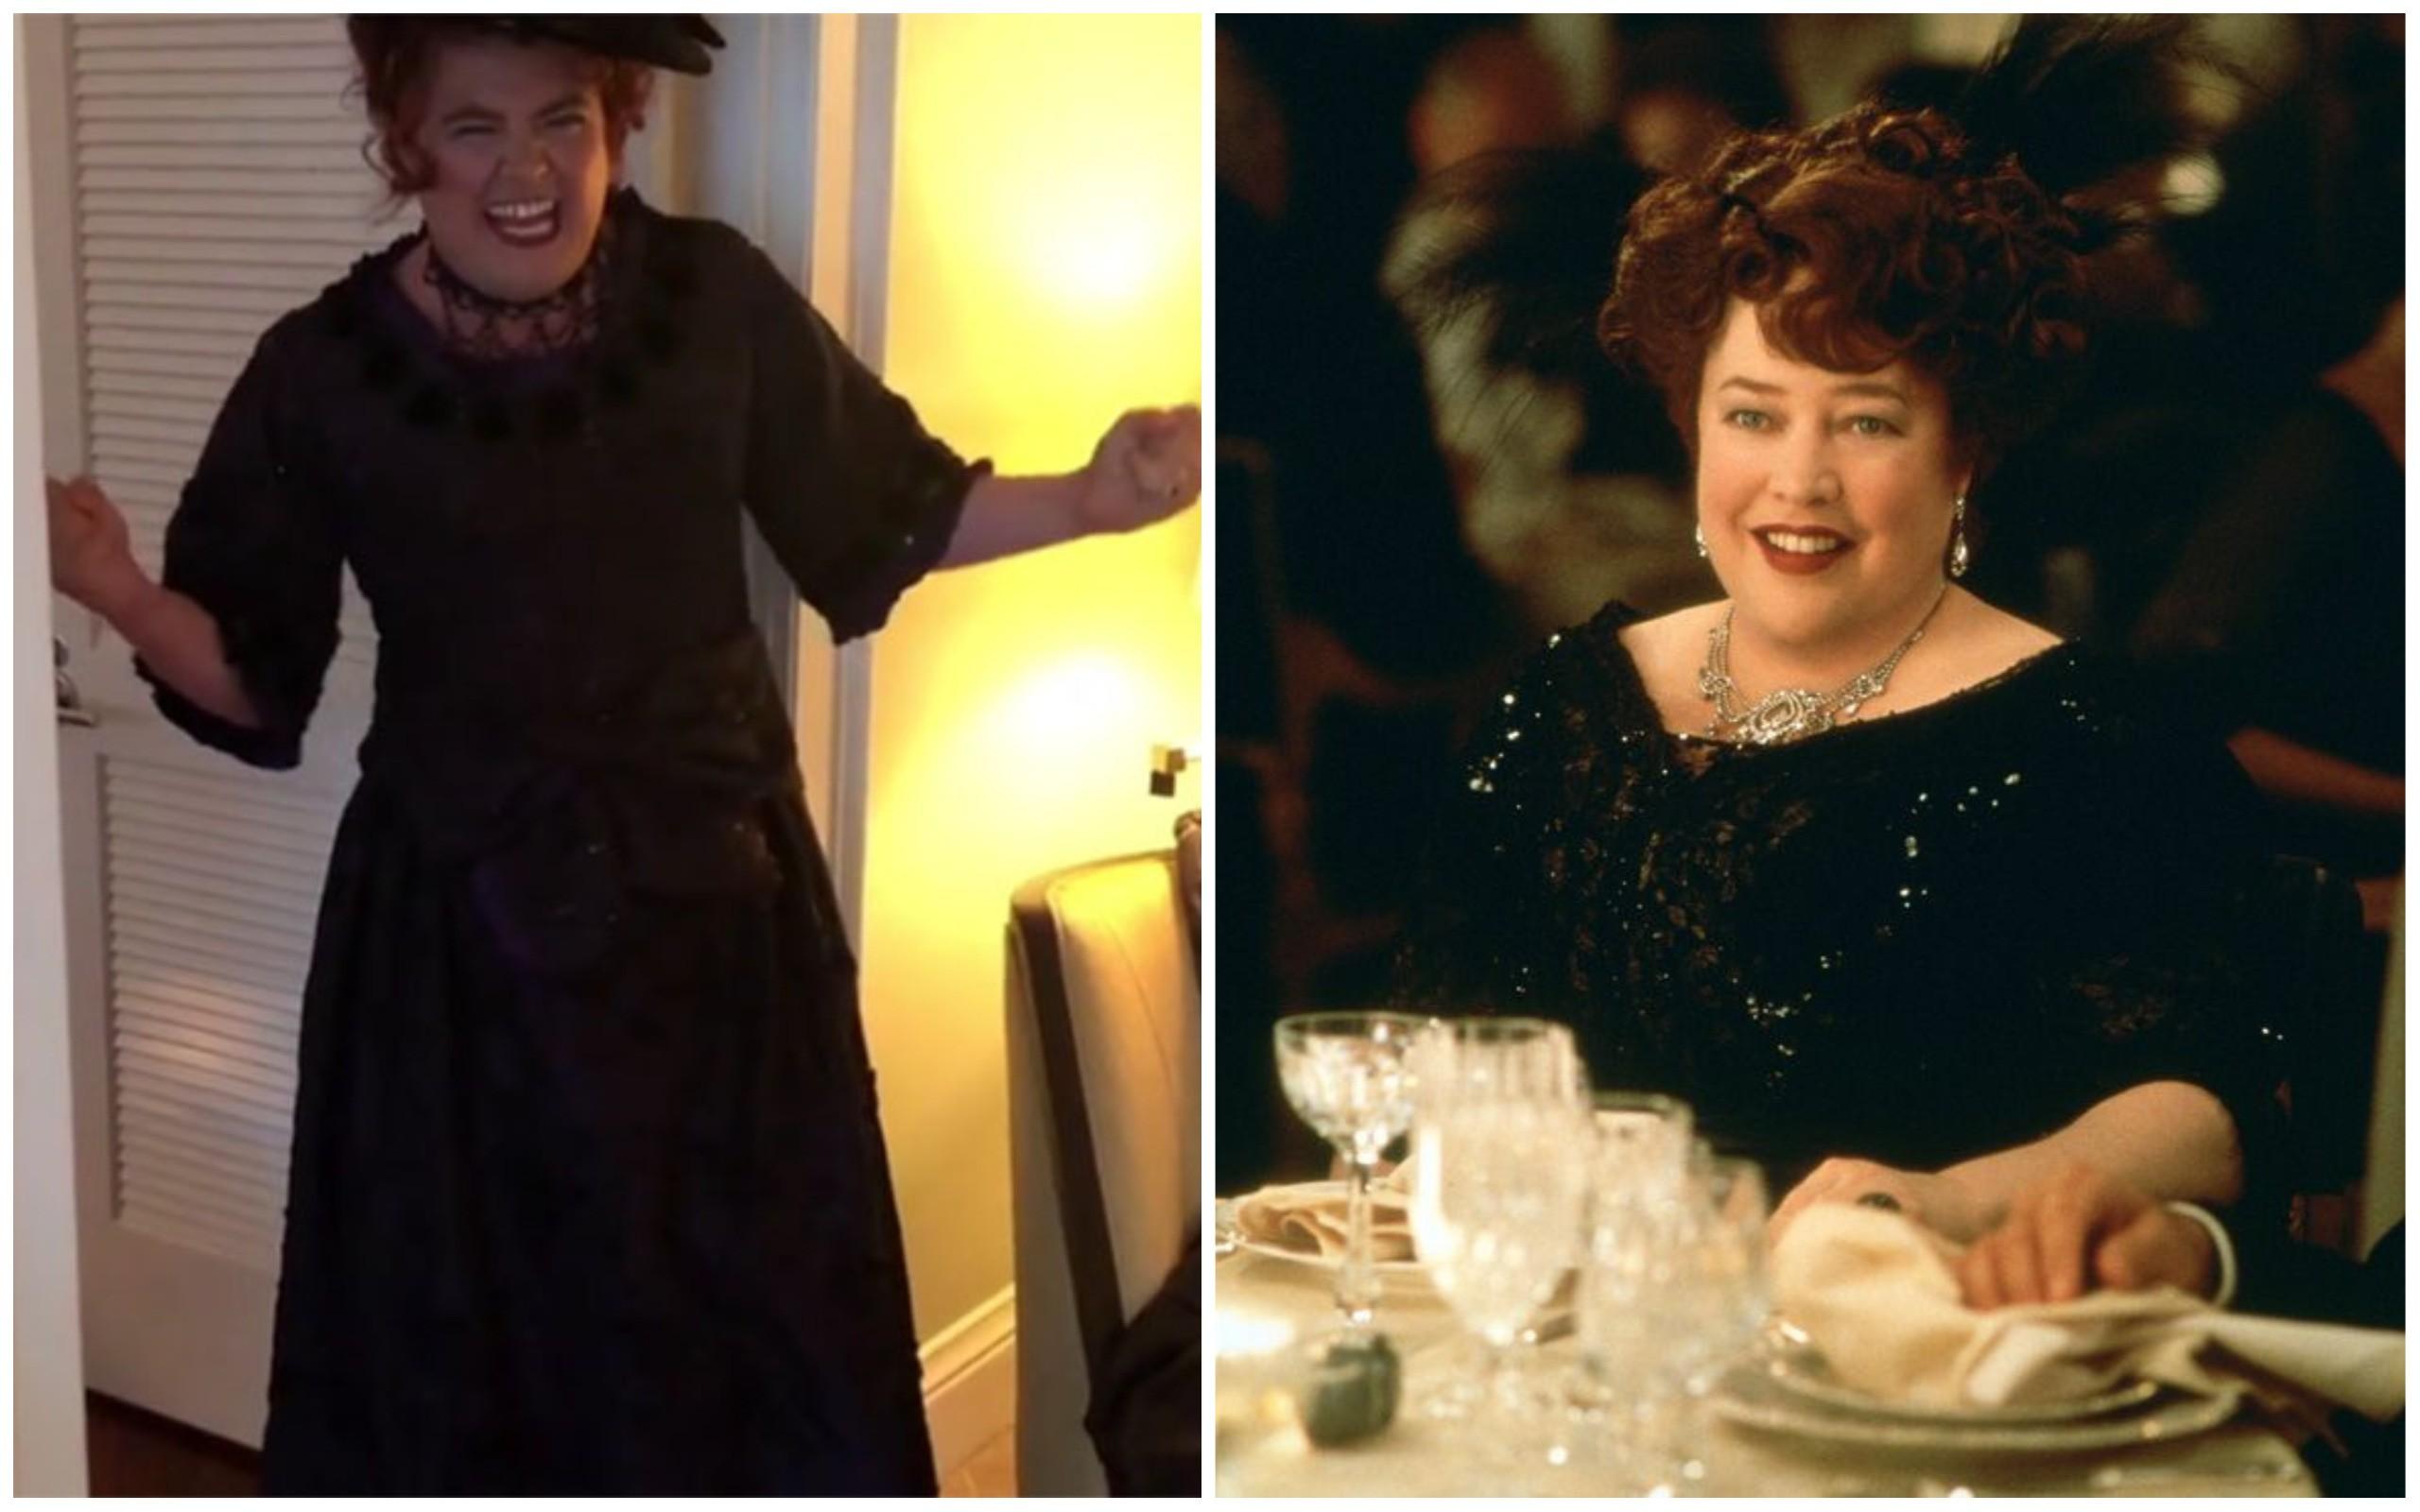 Alan Carr e Kathy Bates como Margaret Brown de Titanic (1997) (Foto: Instagram / Divulgação)